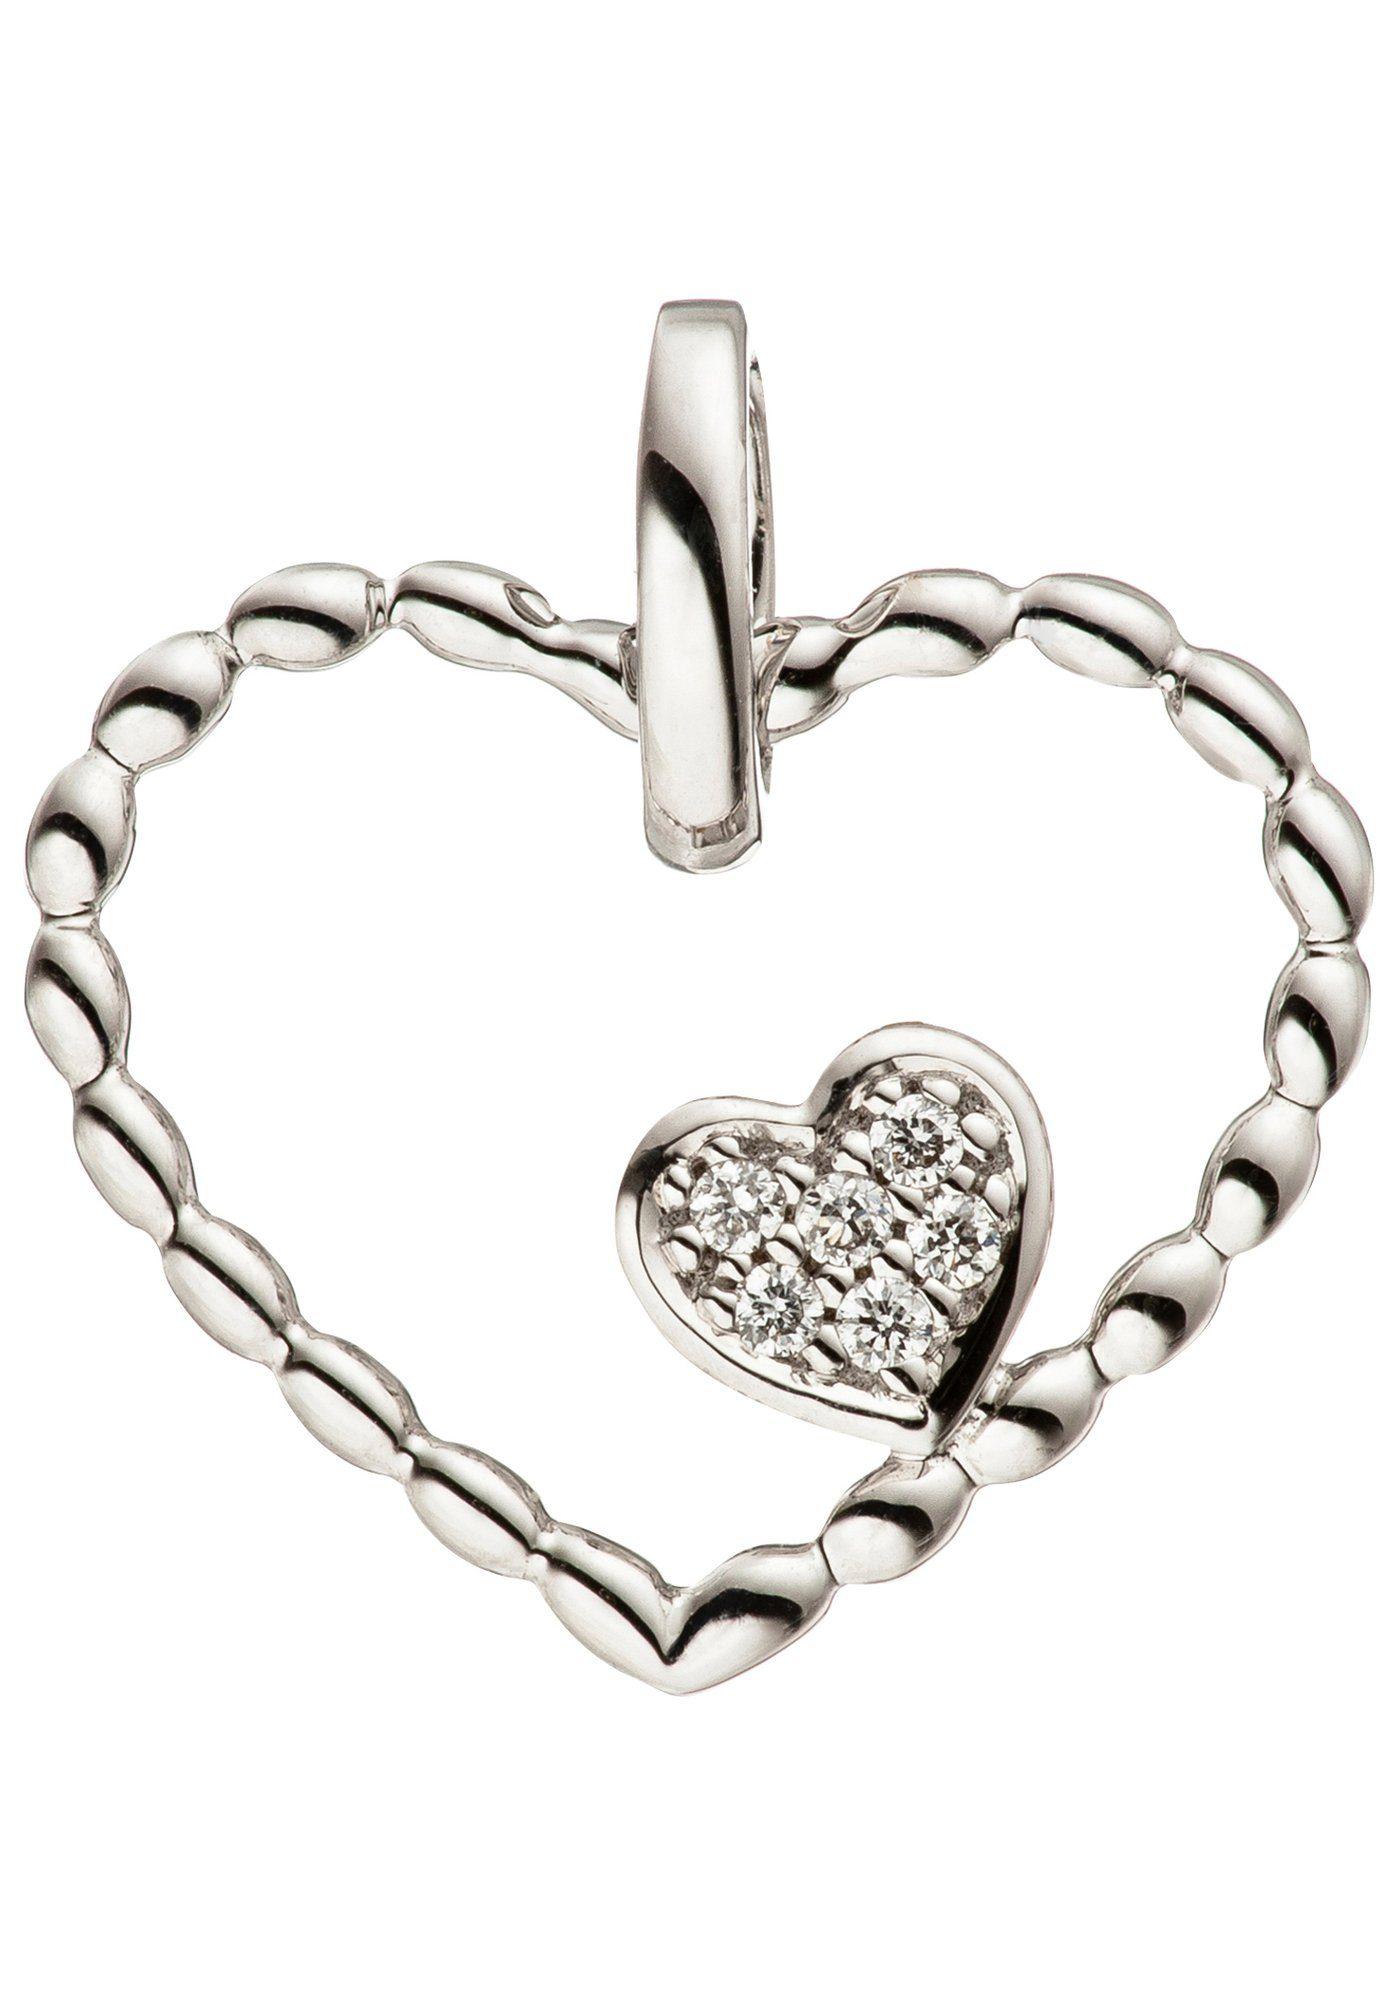 JOBO Herzanhänger »Herz Herzen« 585 Weißgold mit 6 Diamanten